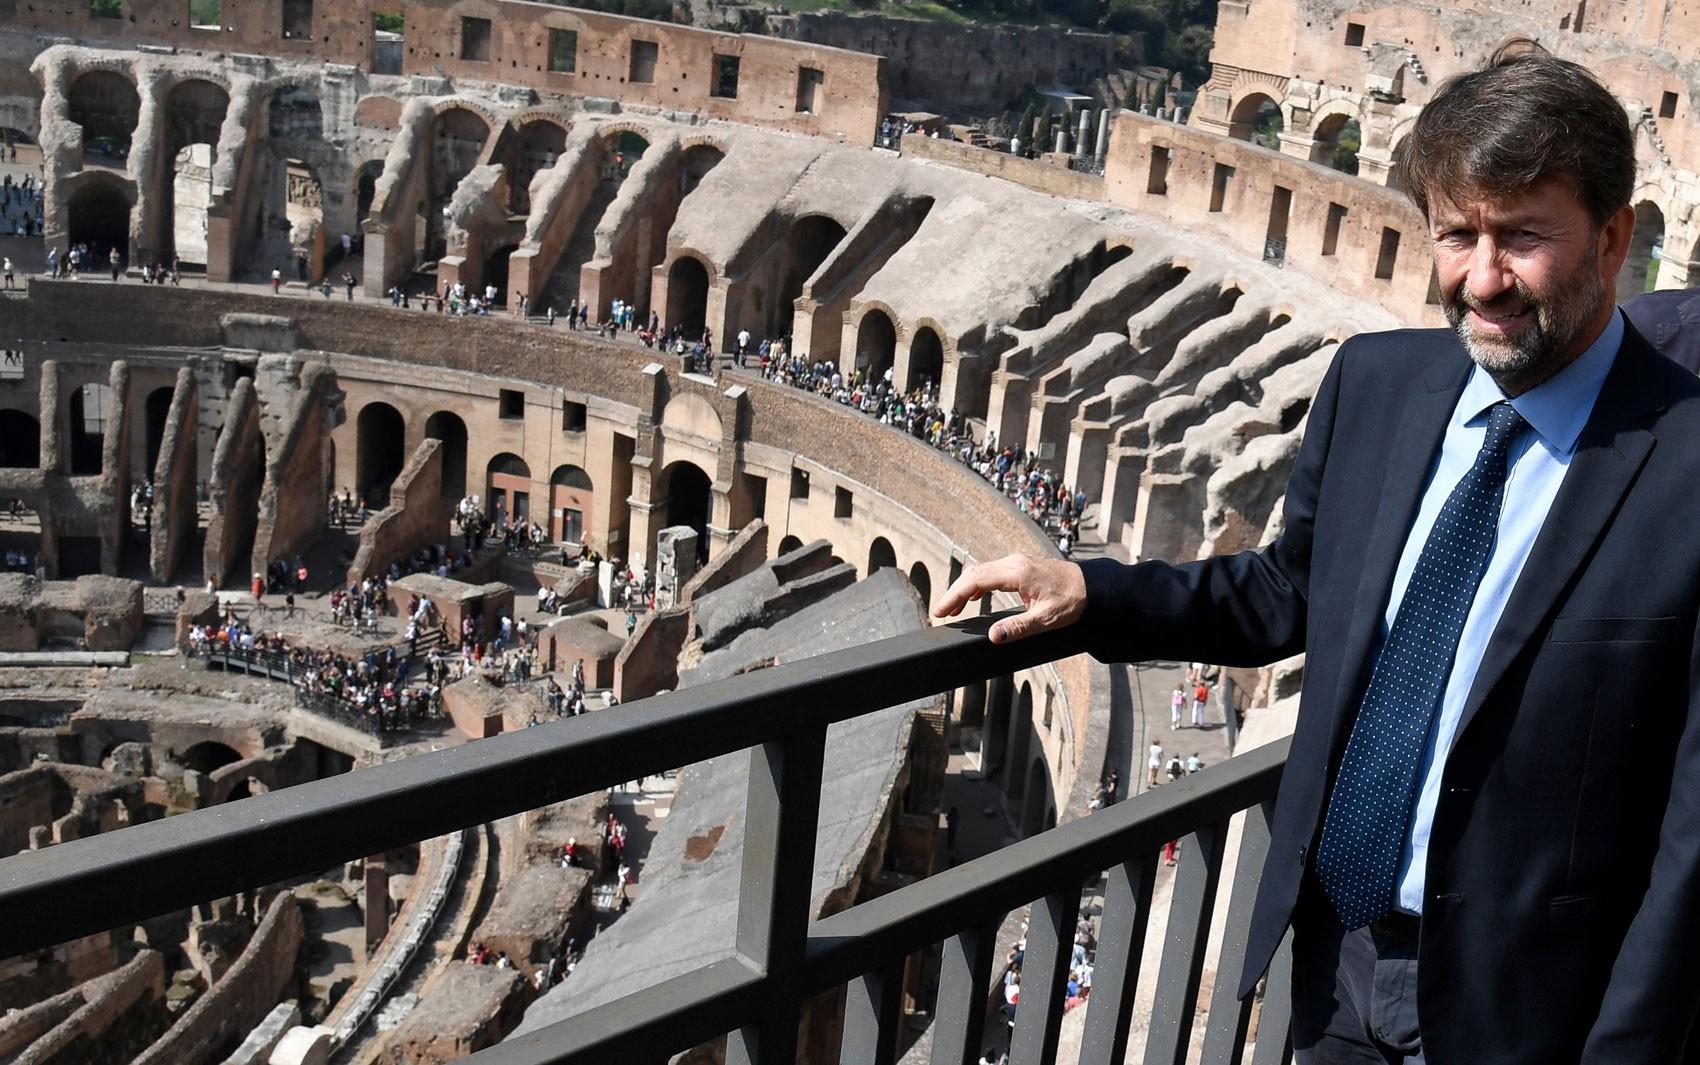 Nível mais alto do Coliseu será aberto a turistas pela primeira vez em 40 anos